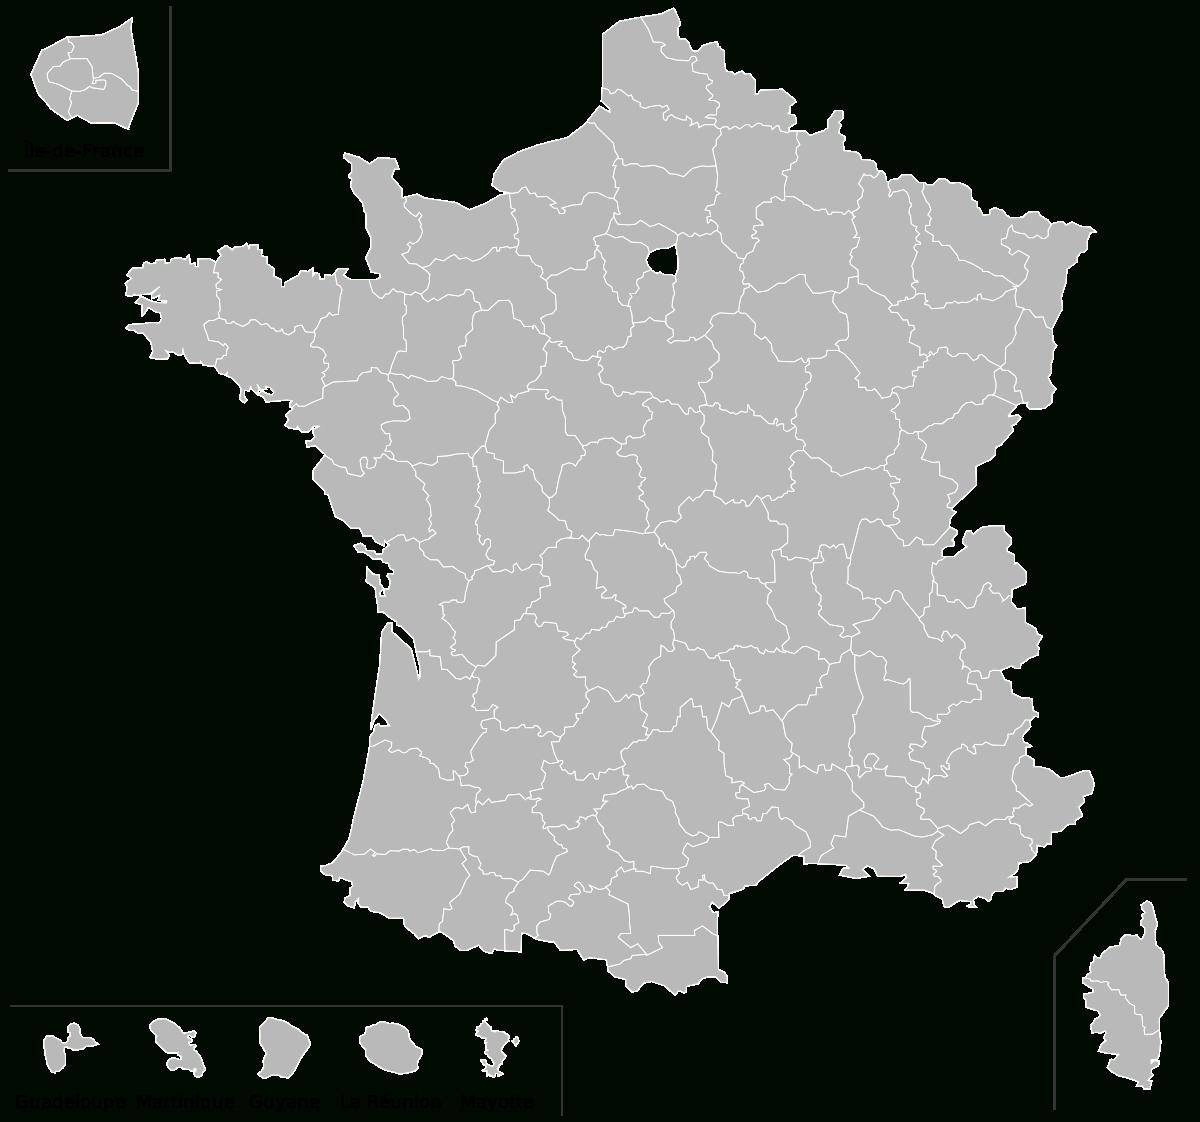 File:carte Vierge Départements Français Avec Dom.svg encequiconcerne Plan De France Avec Departement